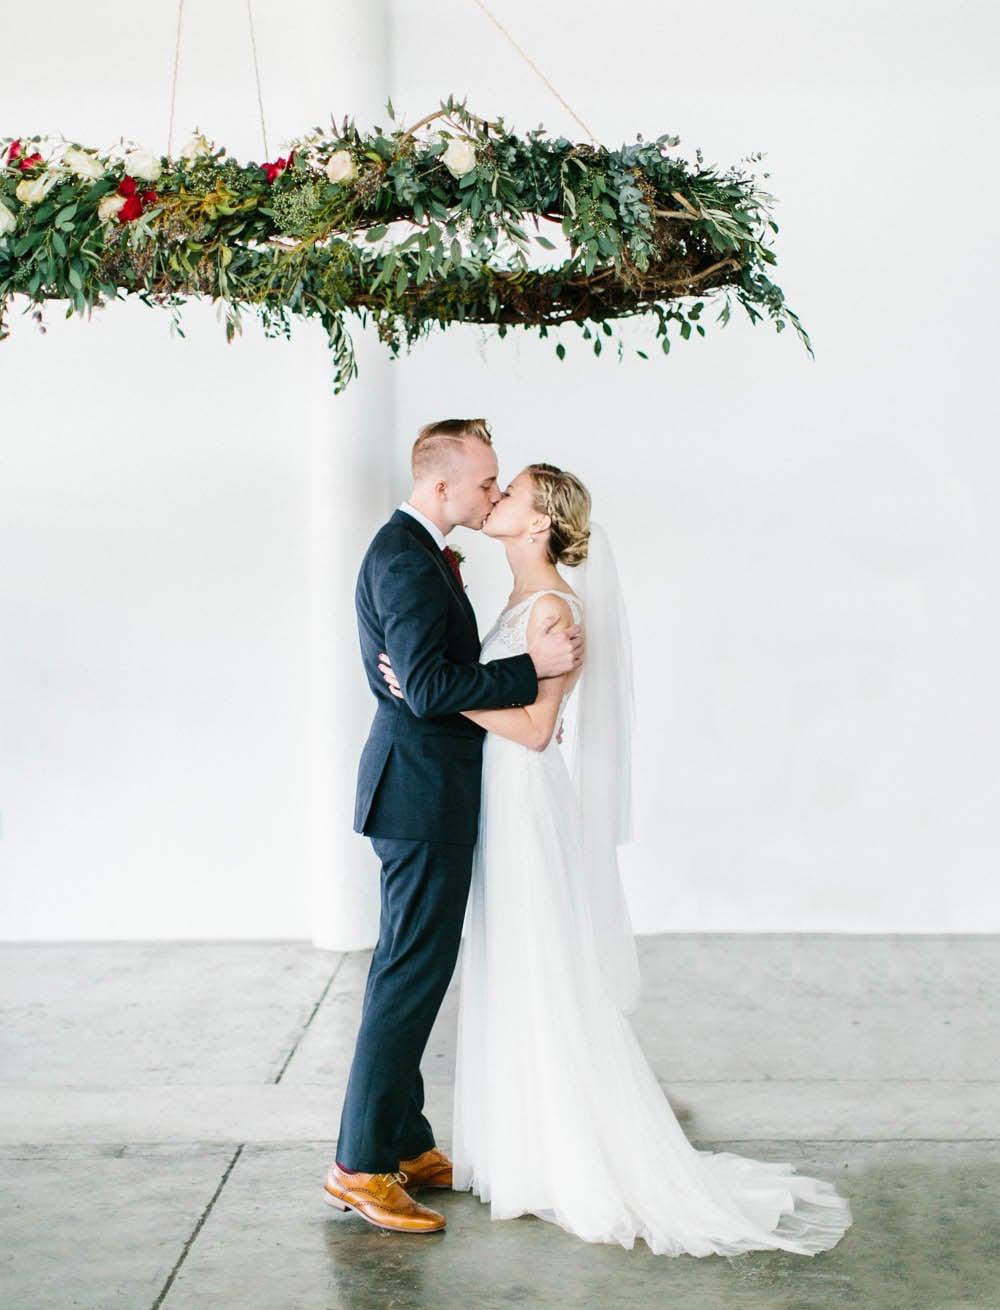 MariaLamb-Branden-Sammi-Wedding292.jpg